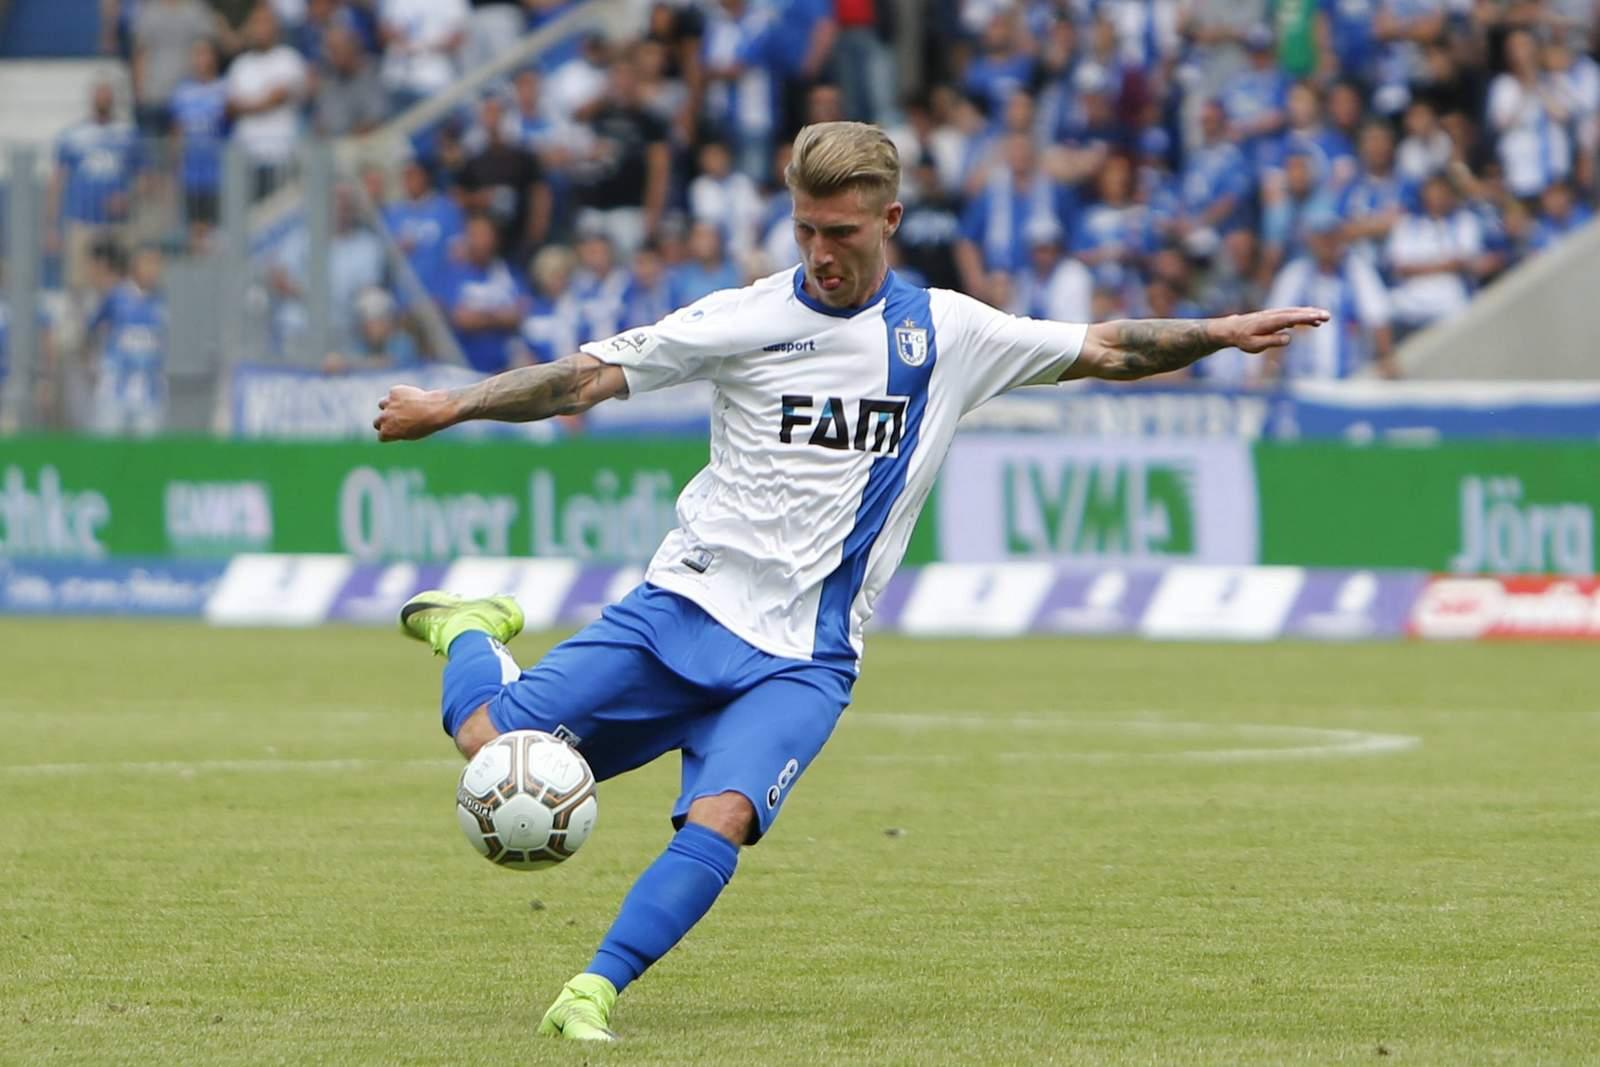 Philip Türpitz vom 1. FC Magdeburg zieht ab: Jetzt auf das Spiel Meppen gegen den FCM wetten.